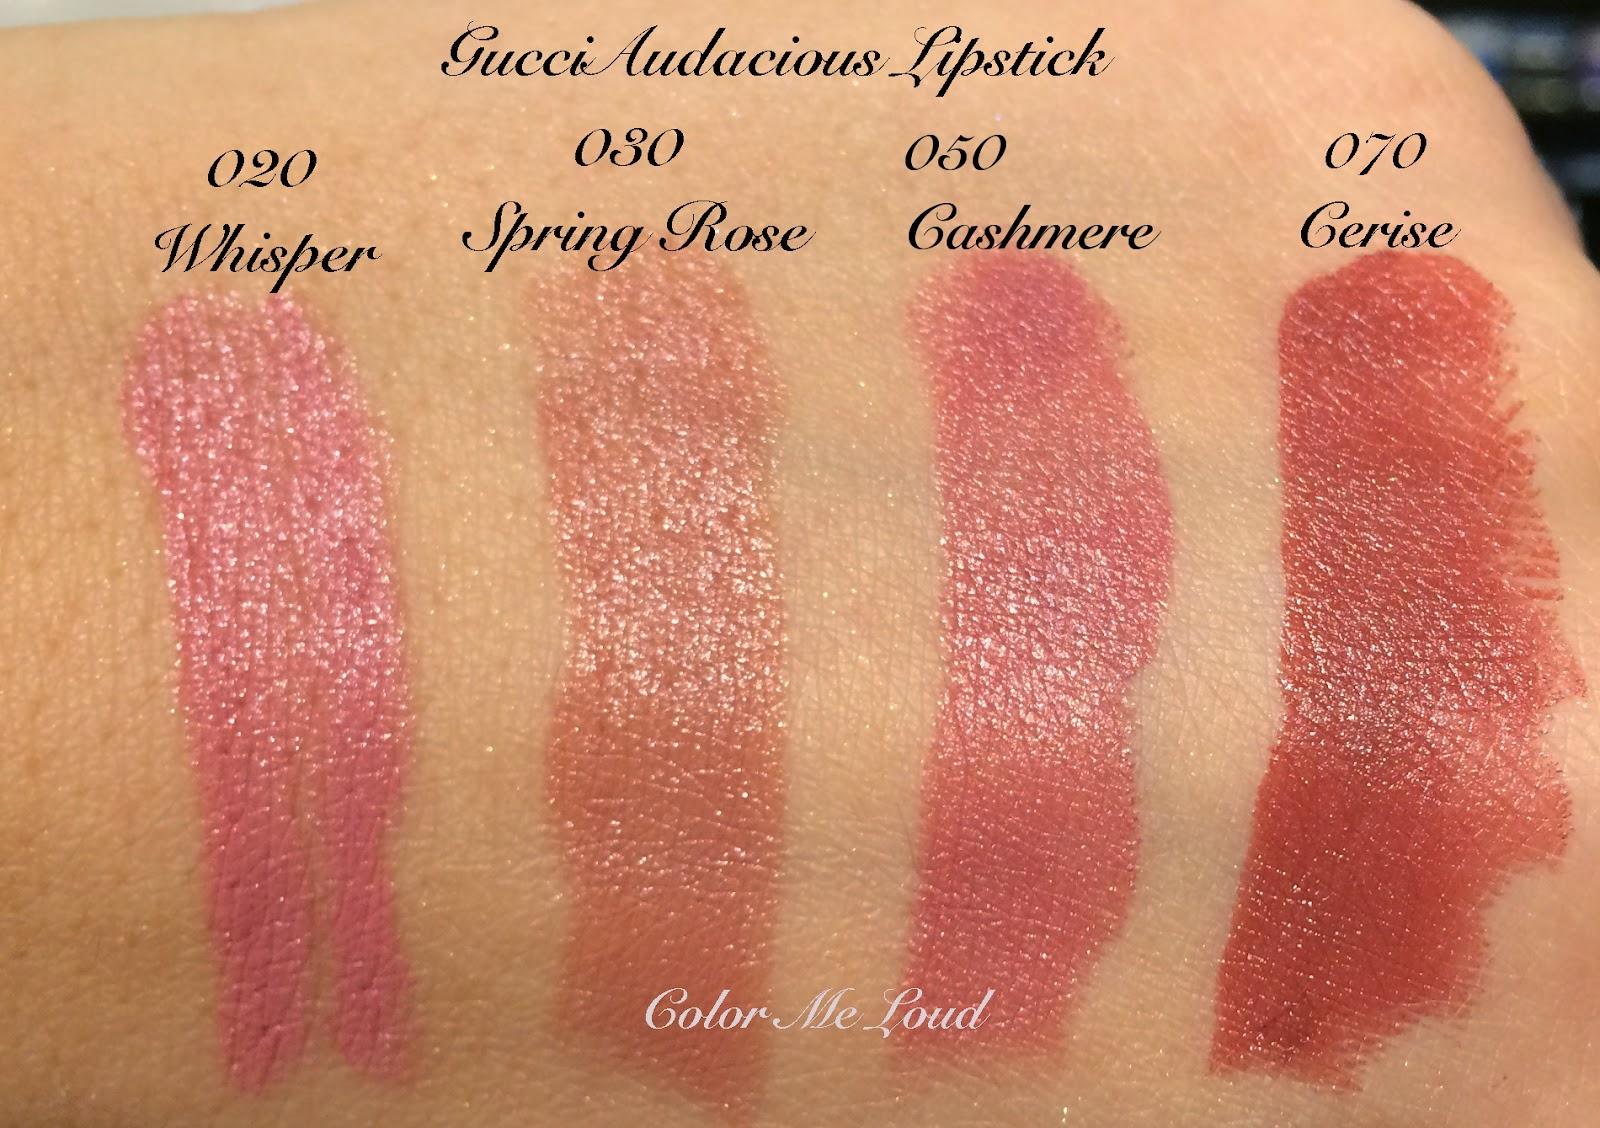 ผลการค้นหารูปภาพสำหรับ Gucci Lip Luxurious Pigment-Rich Lipstick